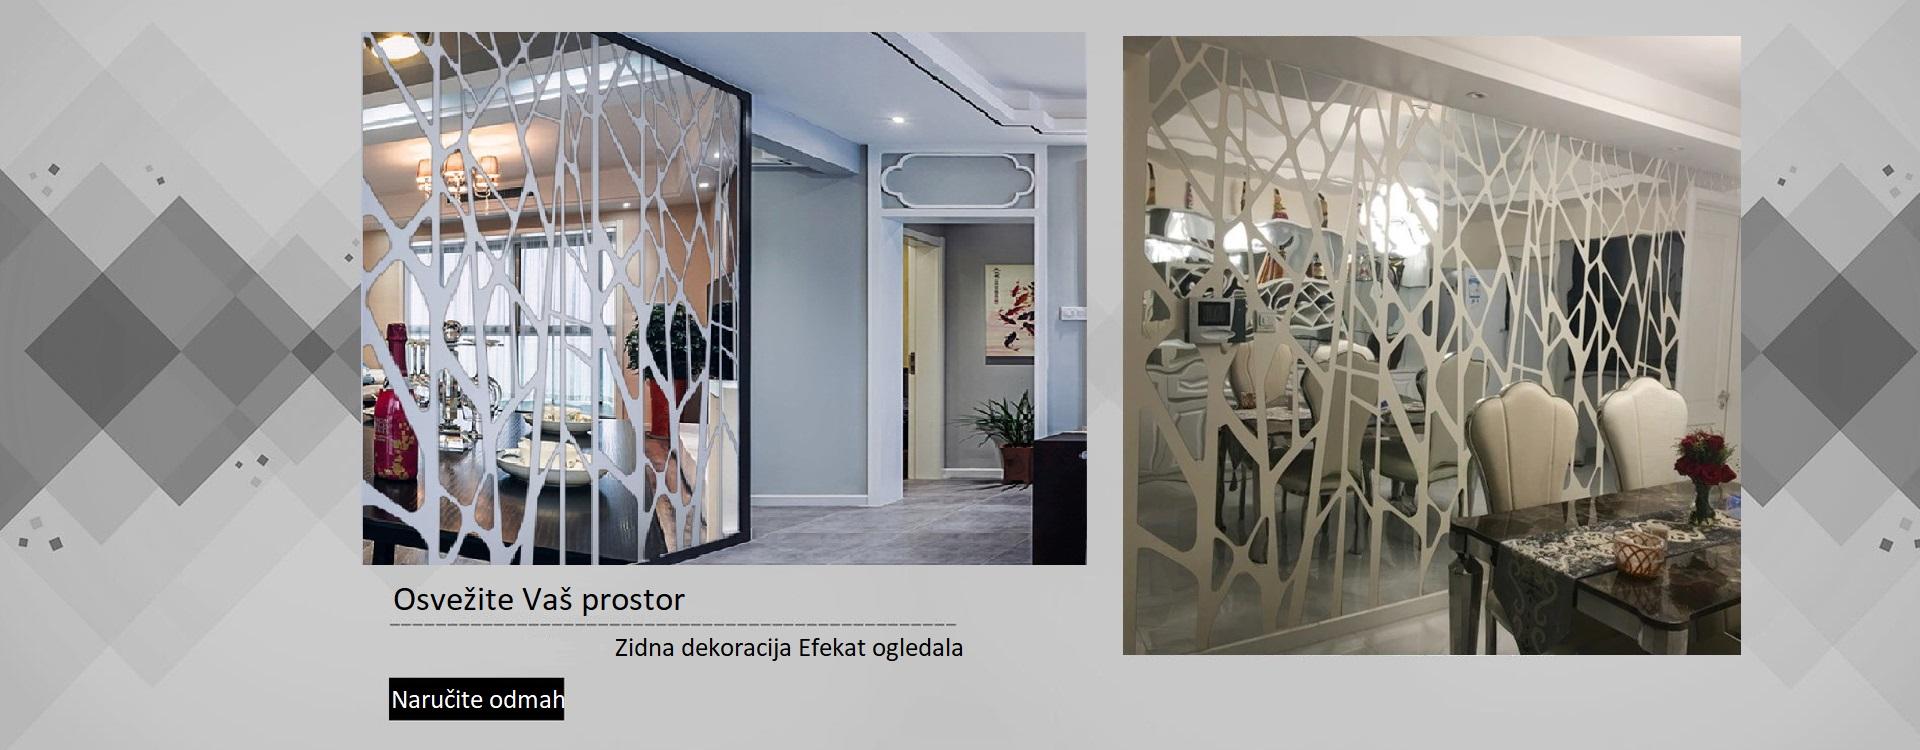 zidna-dekoracija-slajd22